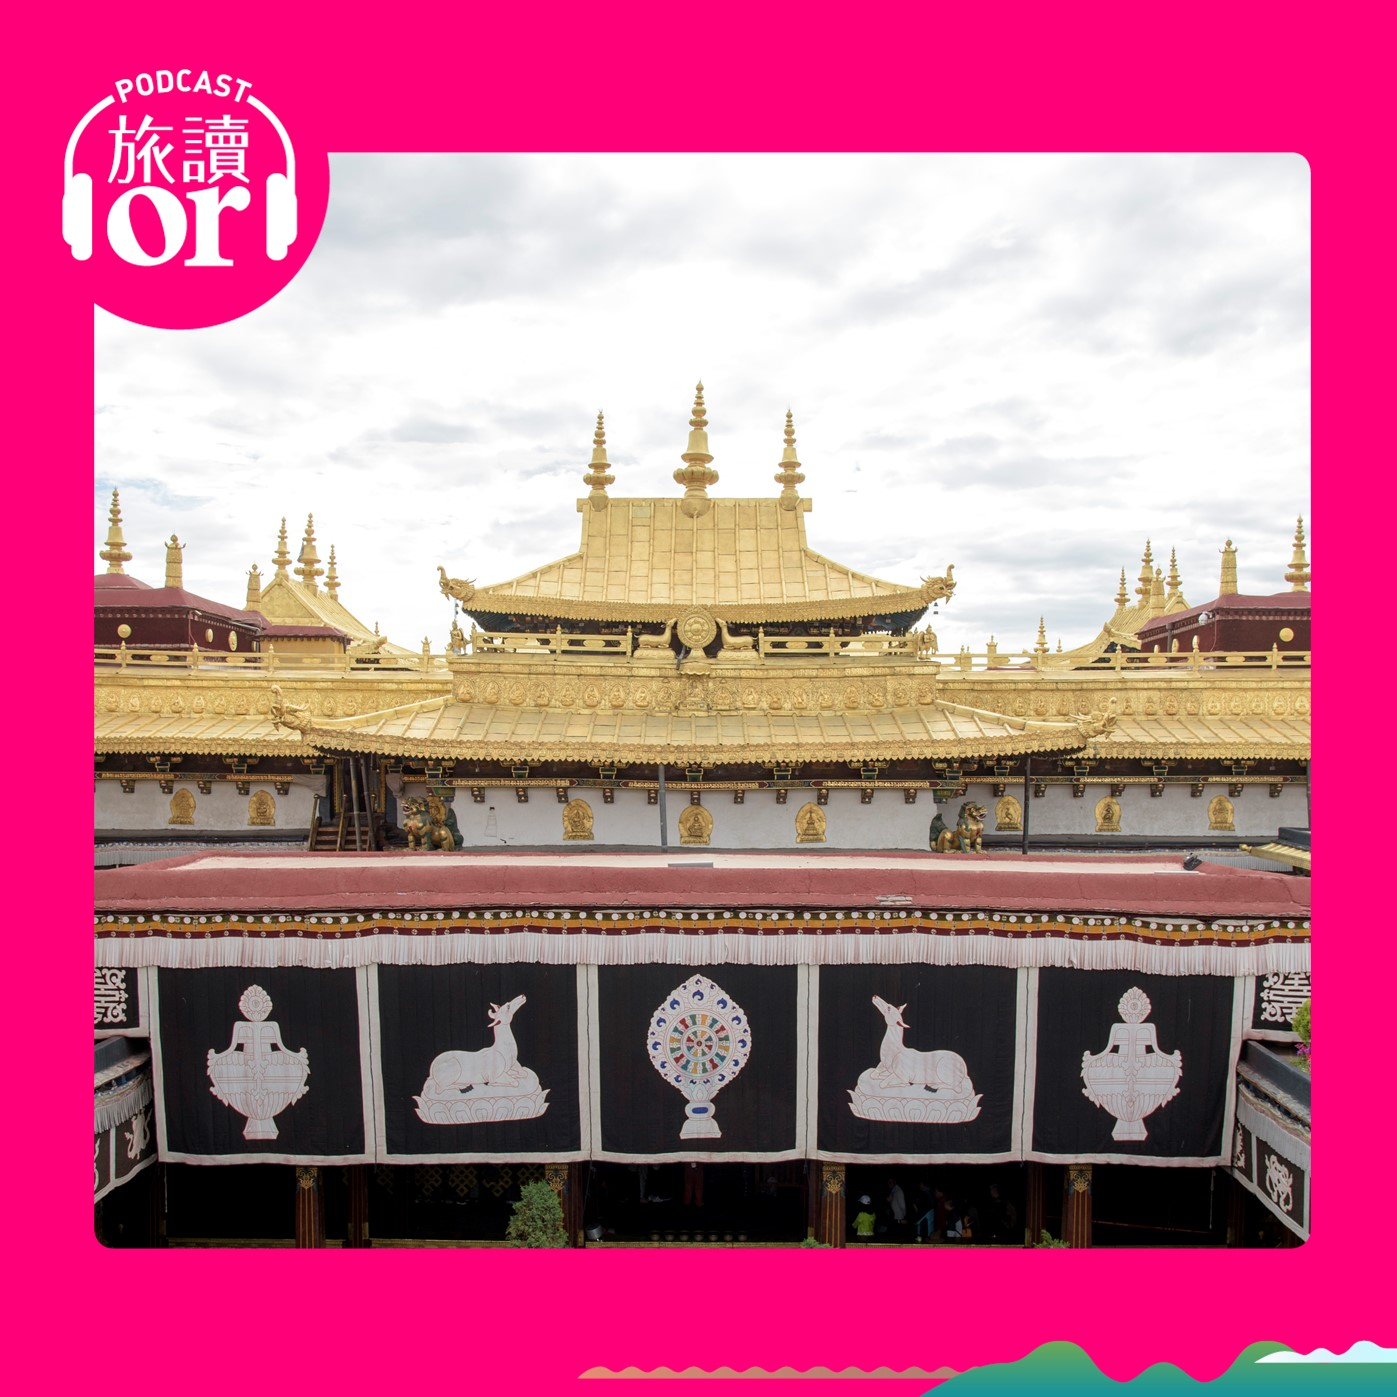 【萬旅千思】羅剎女的心臟、聖城的內核──大昭寺